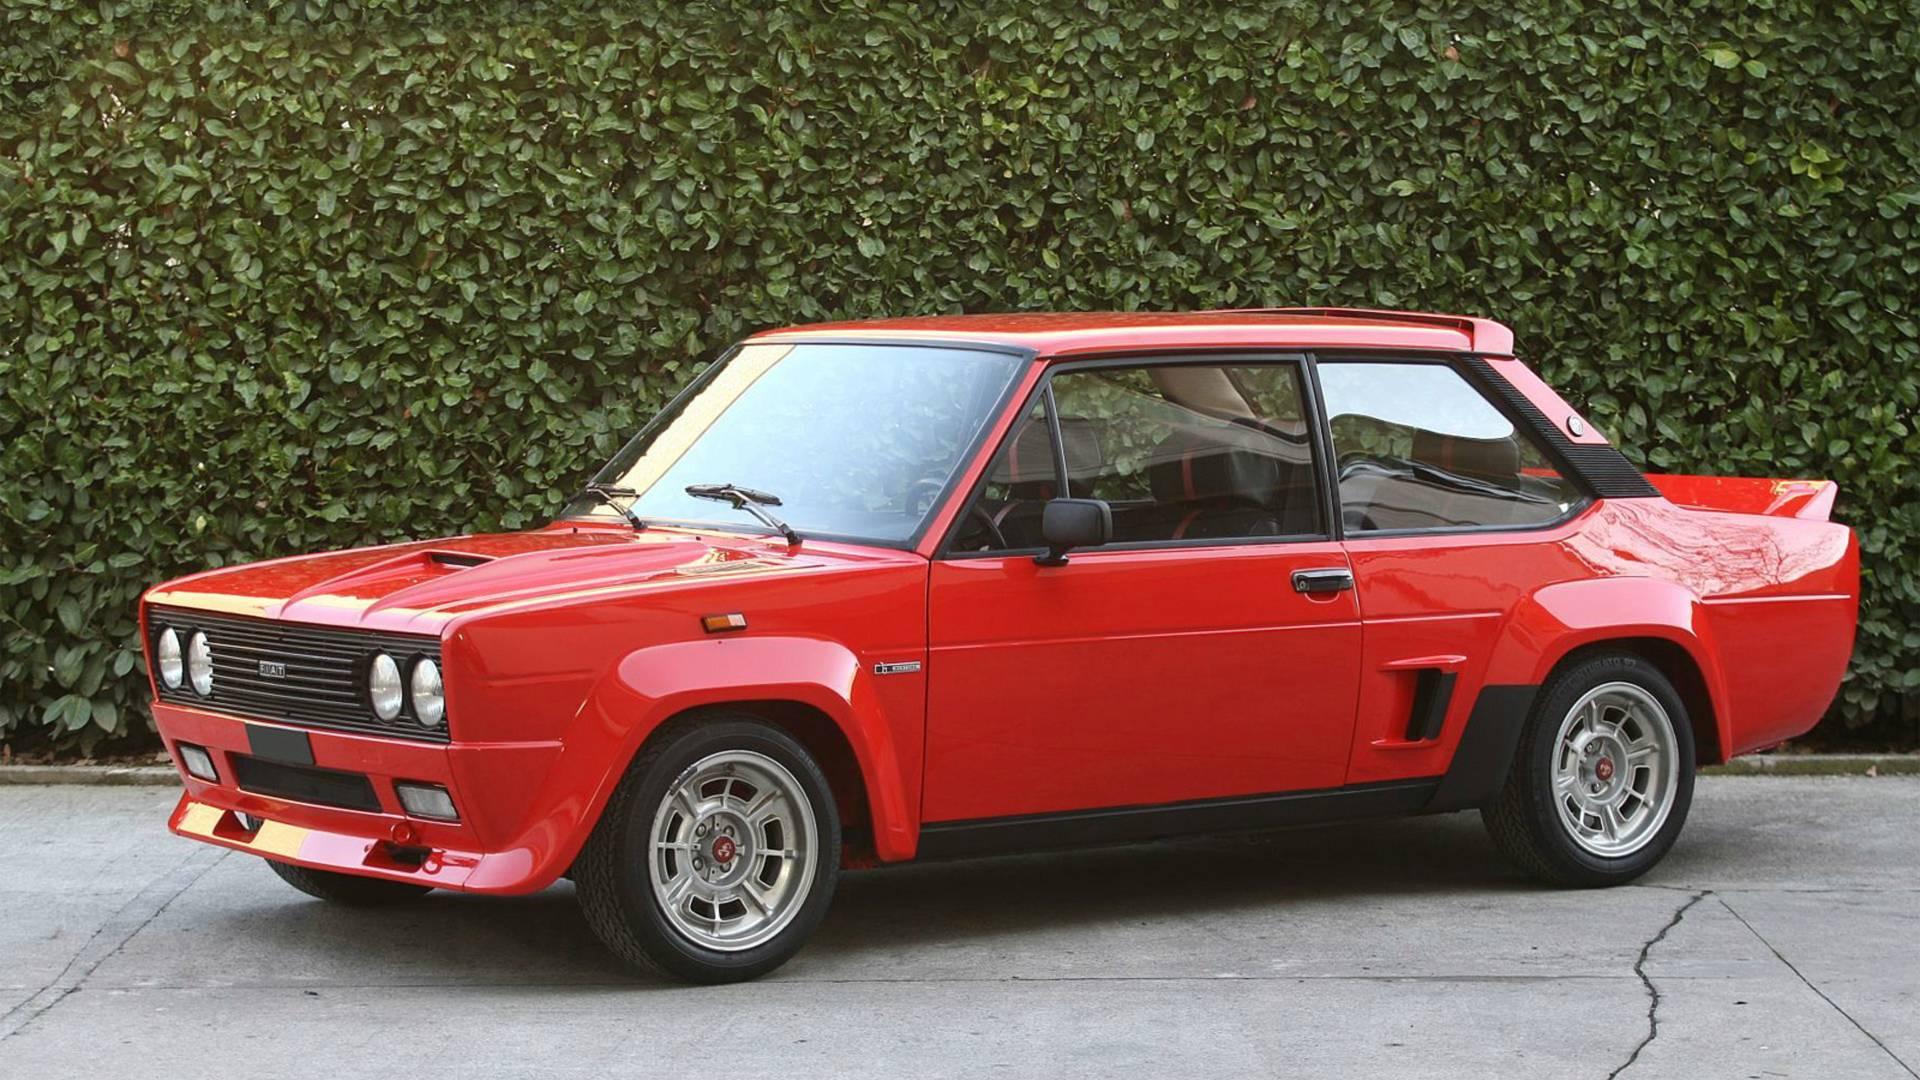 Fiat Ecuador - Fiat Abarth 131